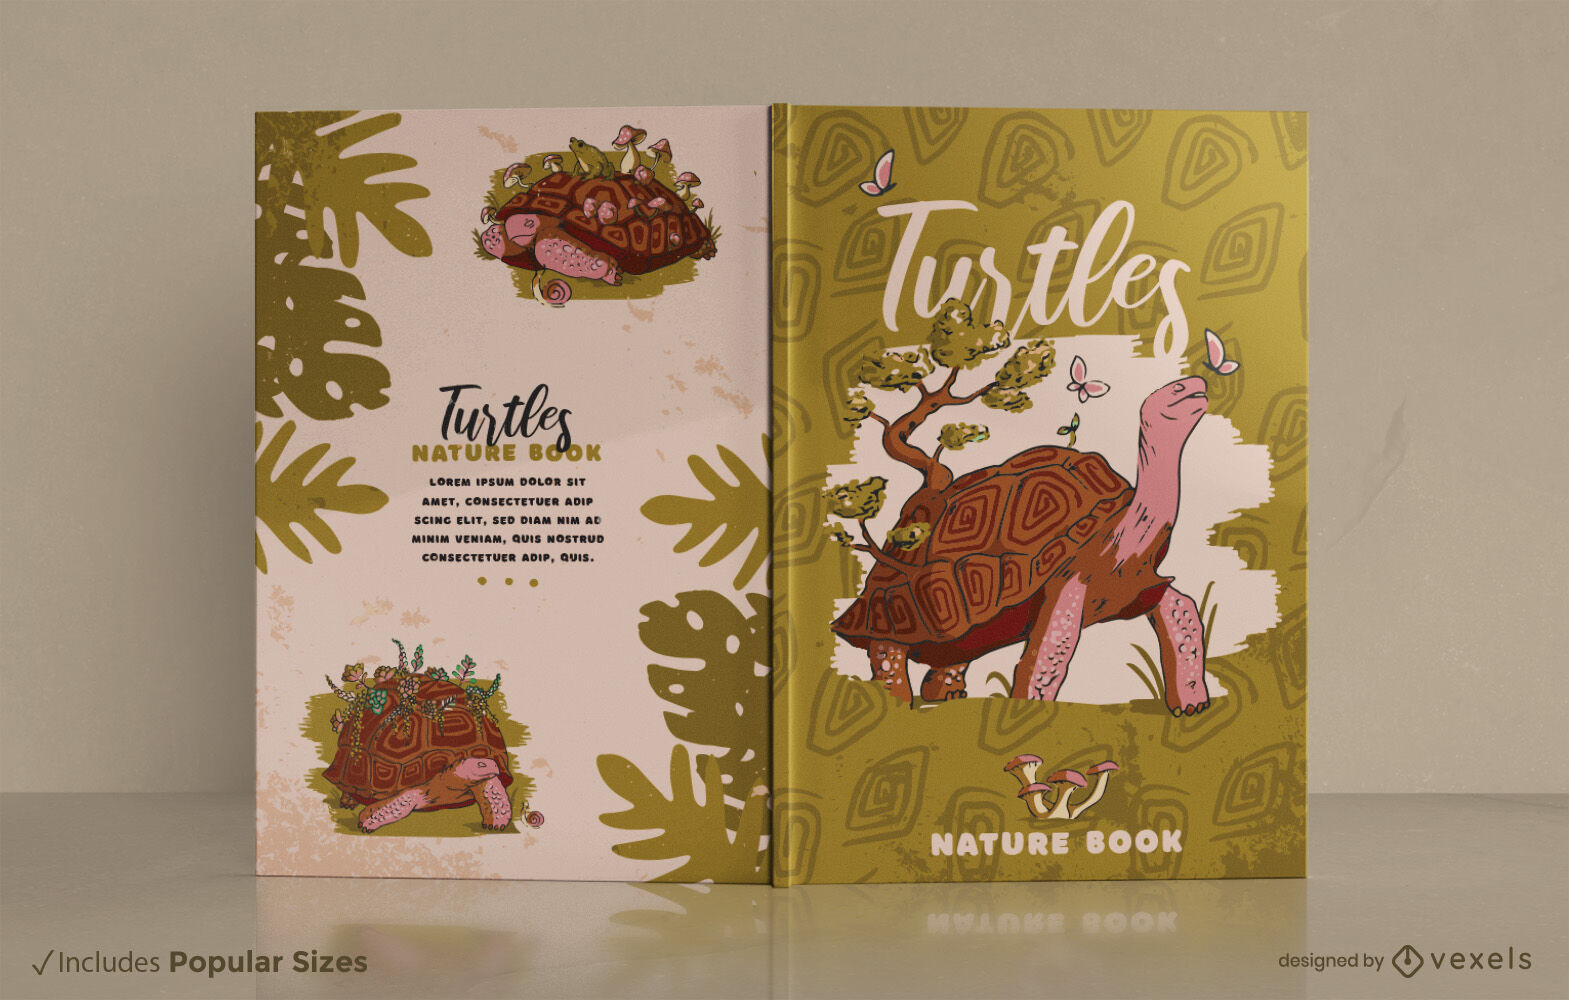 Dise?o de portada de libro de animales de tortuga terrestre.